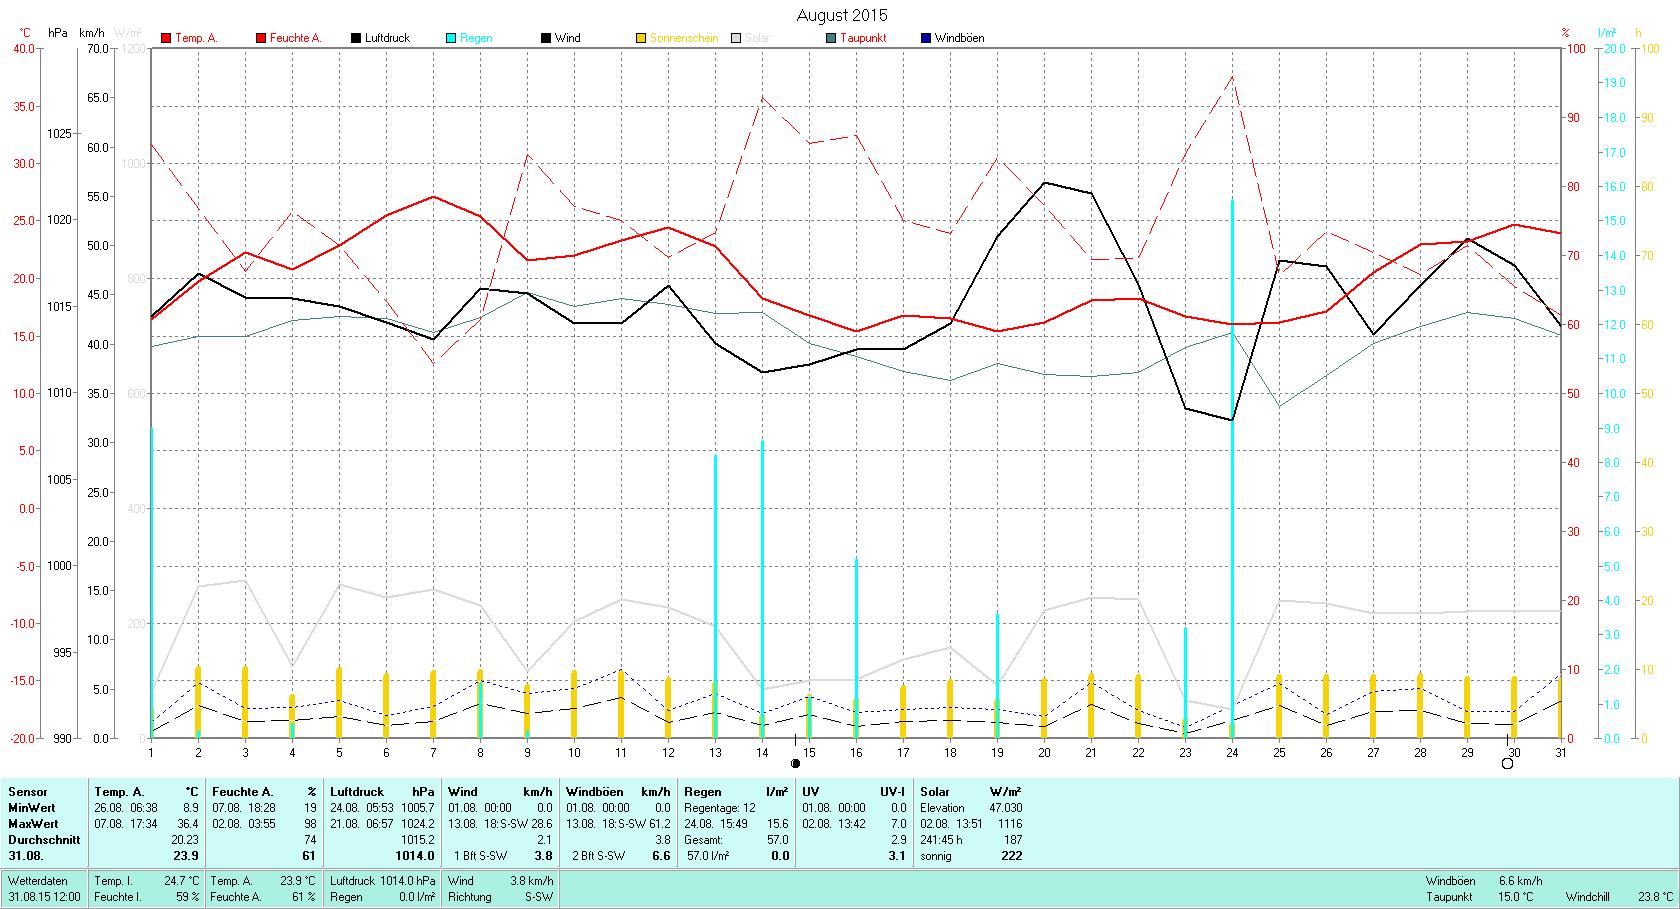 August 2015 Tmin 8.9°C, Tmax 36.4°C, Sonne 241:45h, Niederschlag 57.0mm/2